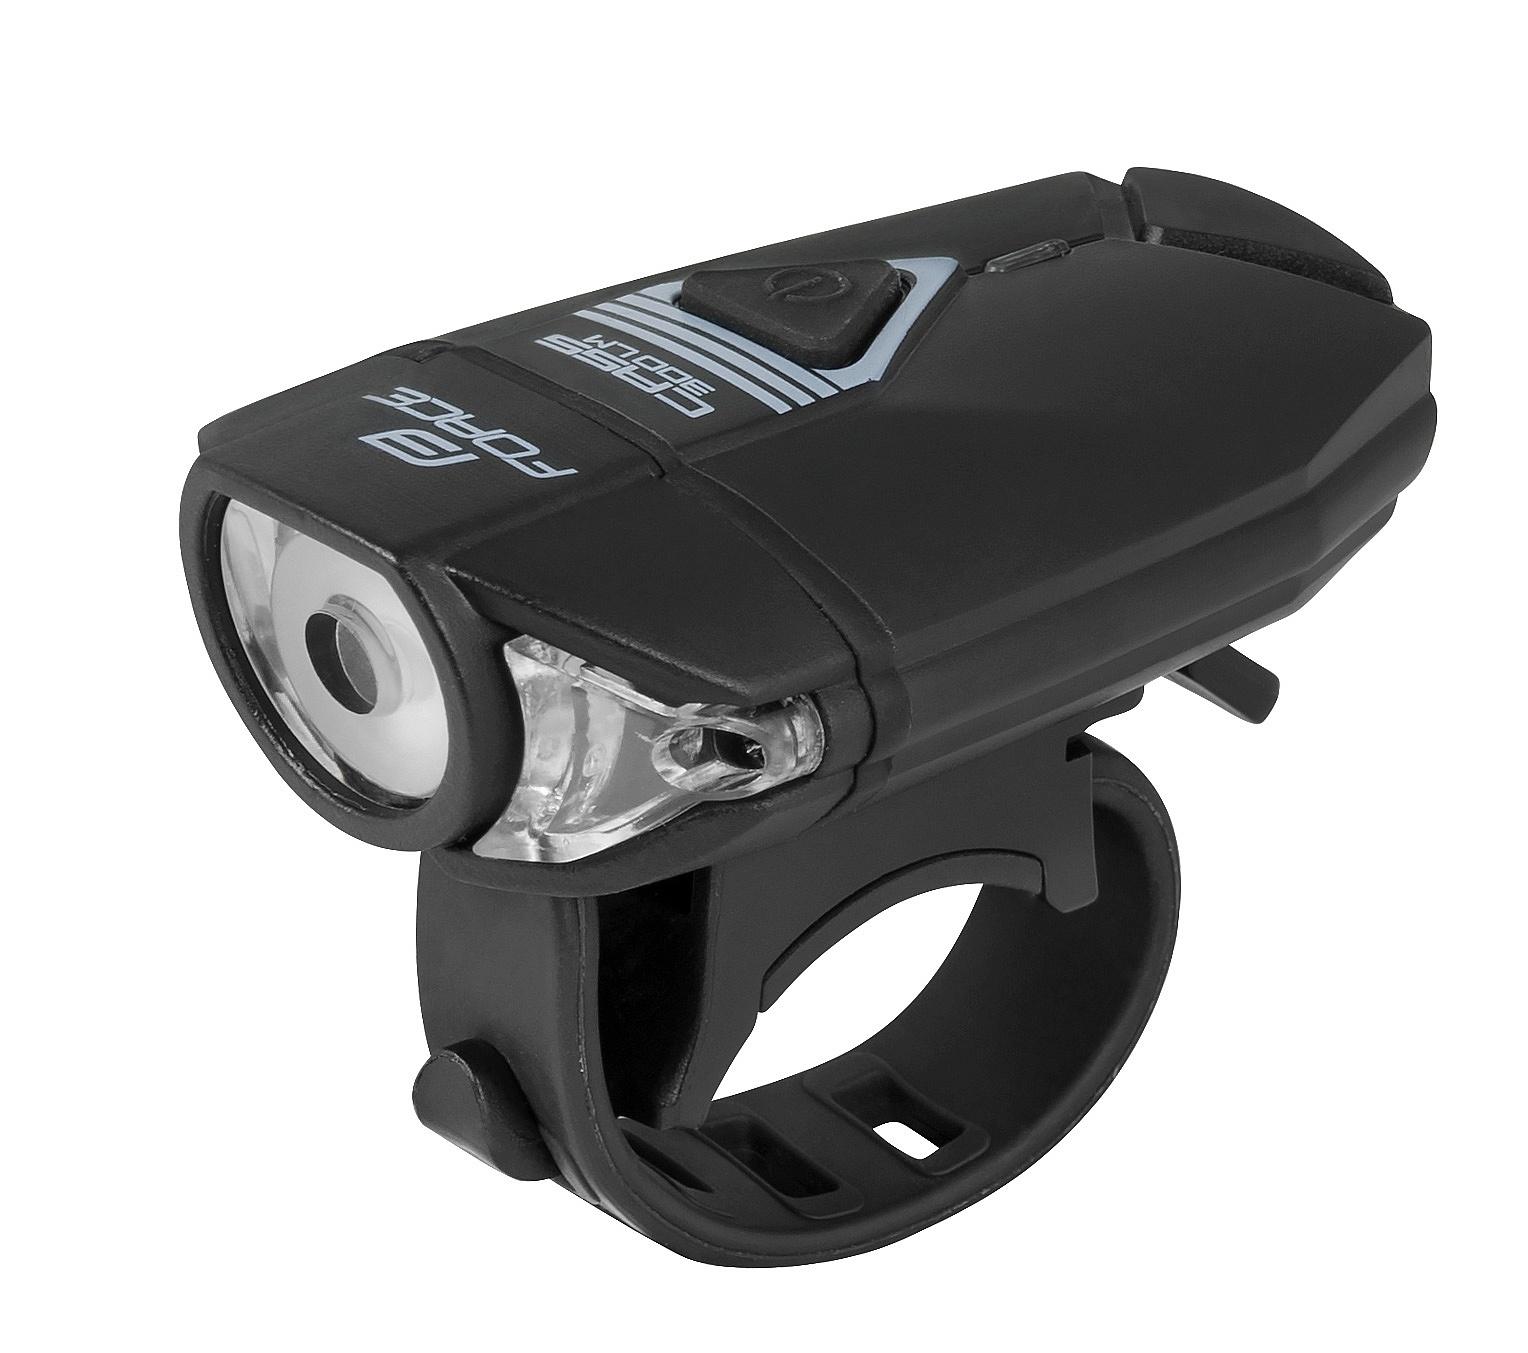 světlo FORCE Cass USB - Black one size